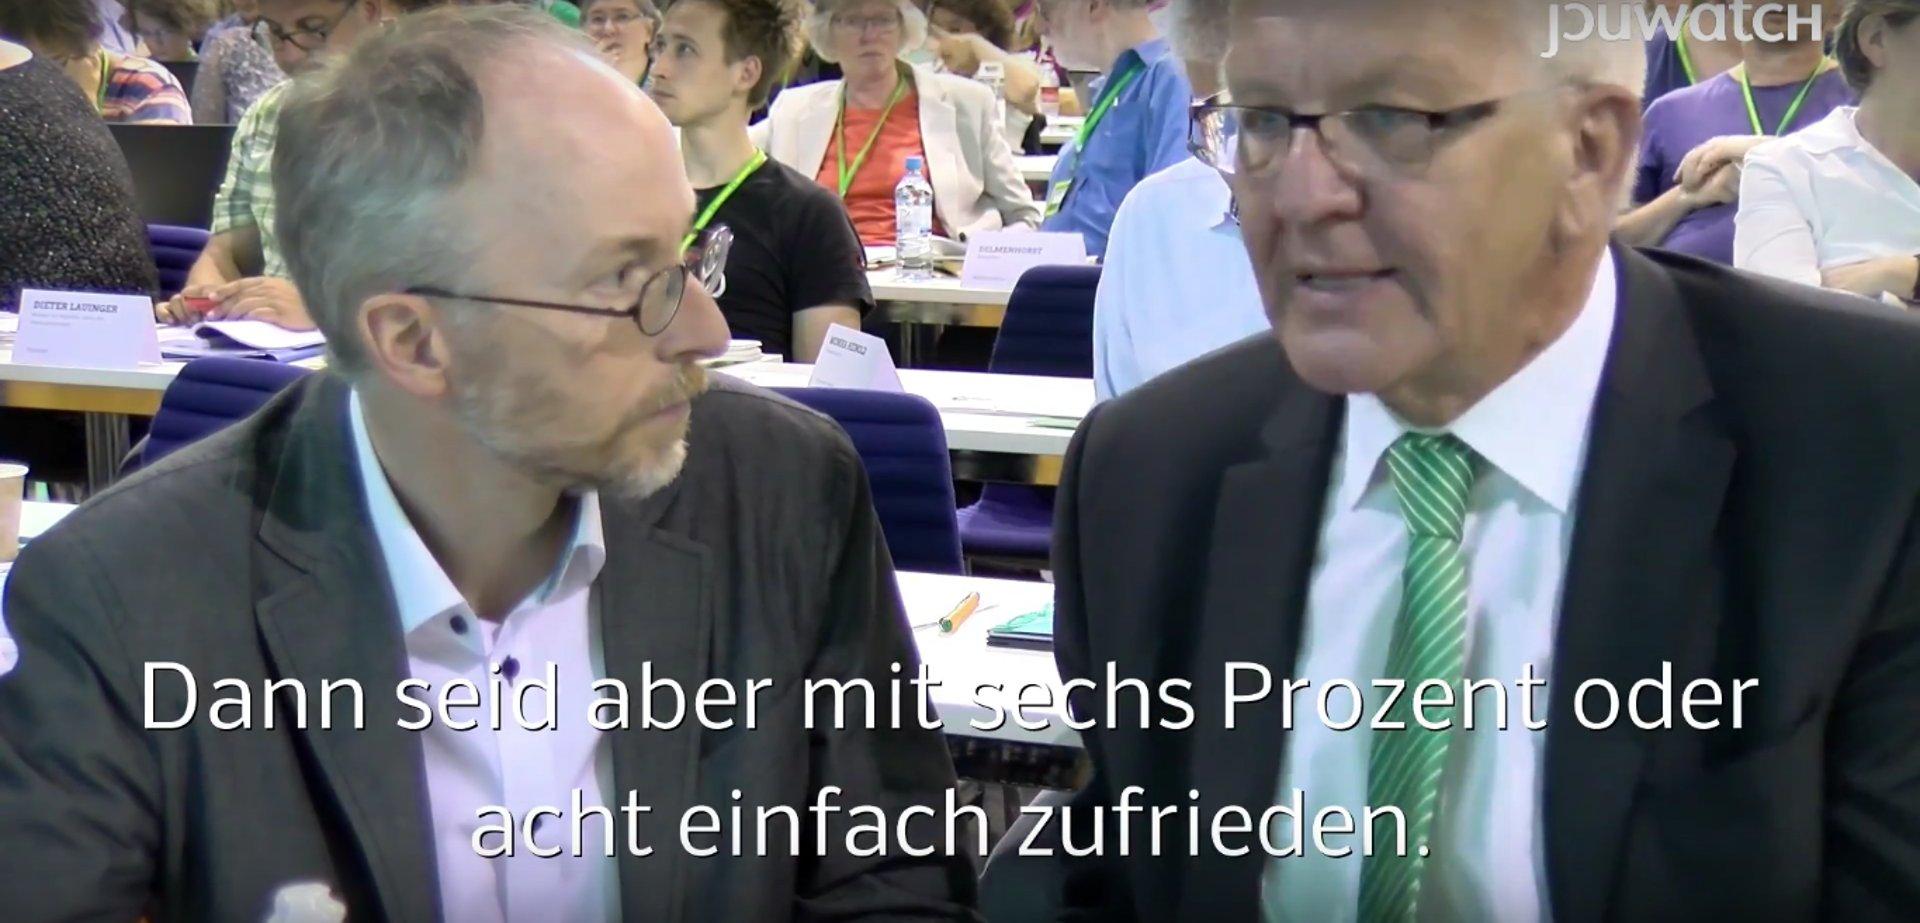 """Kretschmann in Rage: """"Dann jammert nicht rum und lasst mich in Ruhe!"""""""